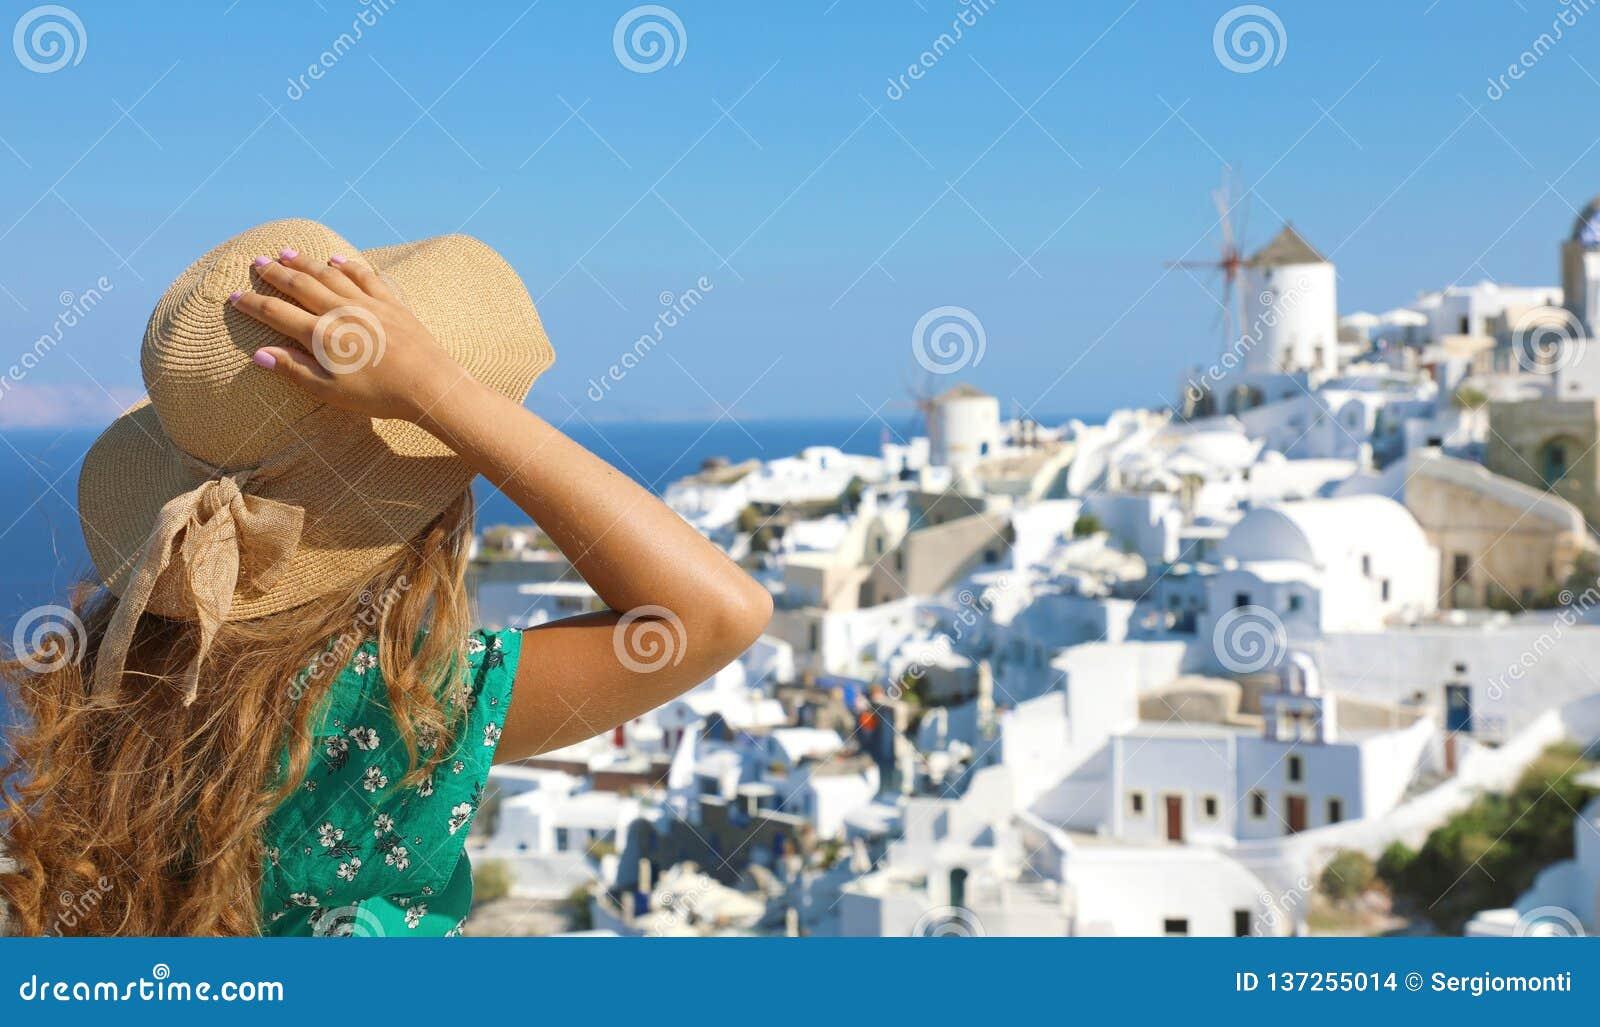 Viaje turístico en Santorini, isla de Oia en mujer de las vacaciones de verano del viaje de Grecia, Europa que se relaja en los m